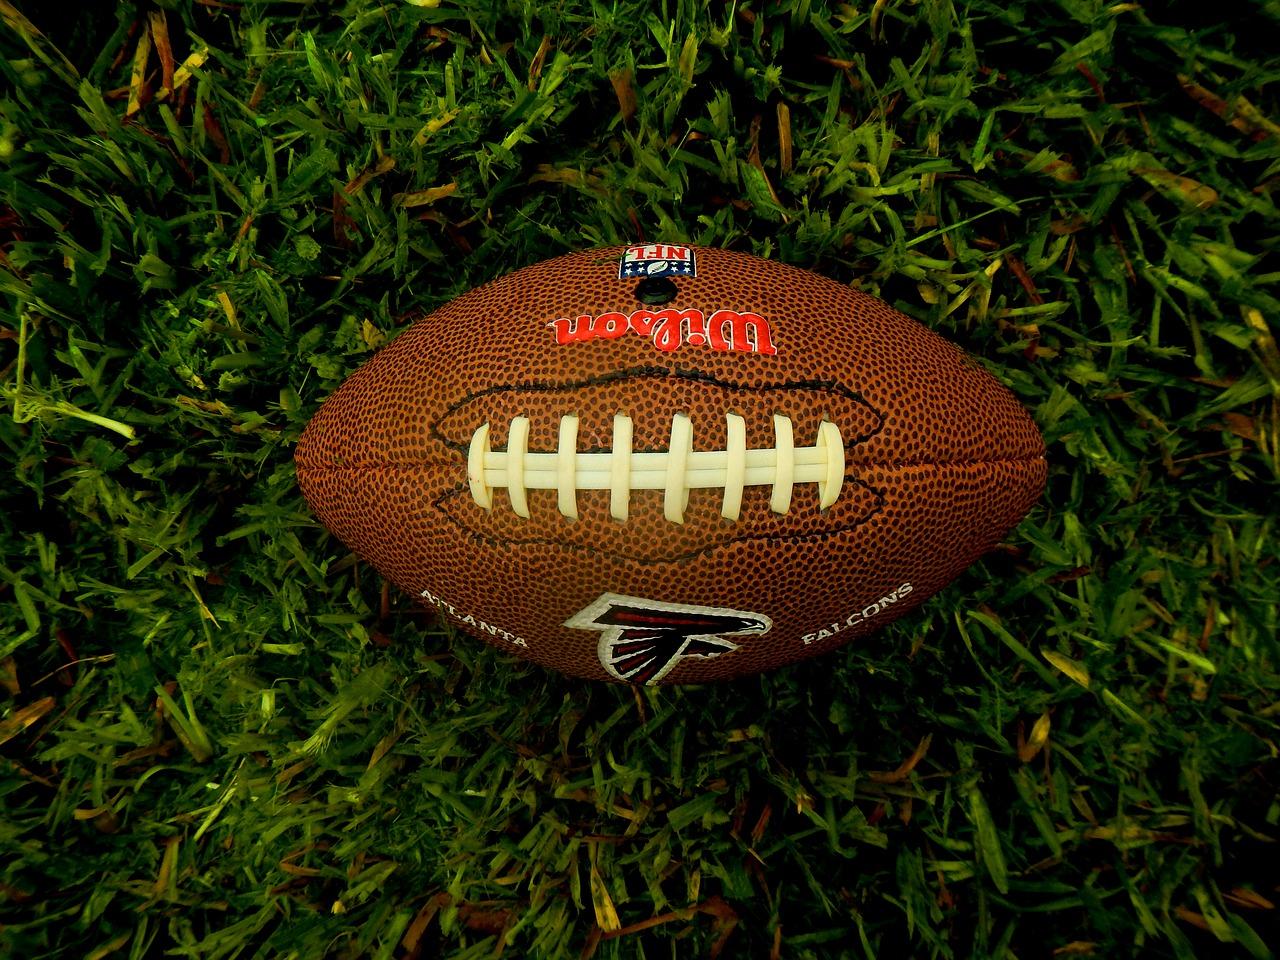 Fantasy Football Gaming Header Image